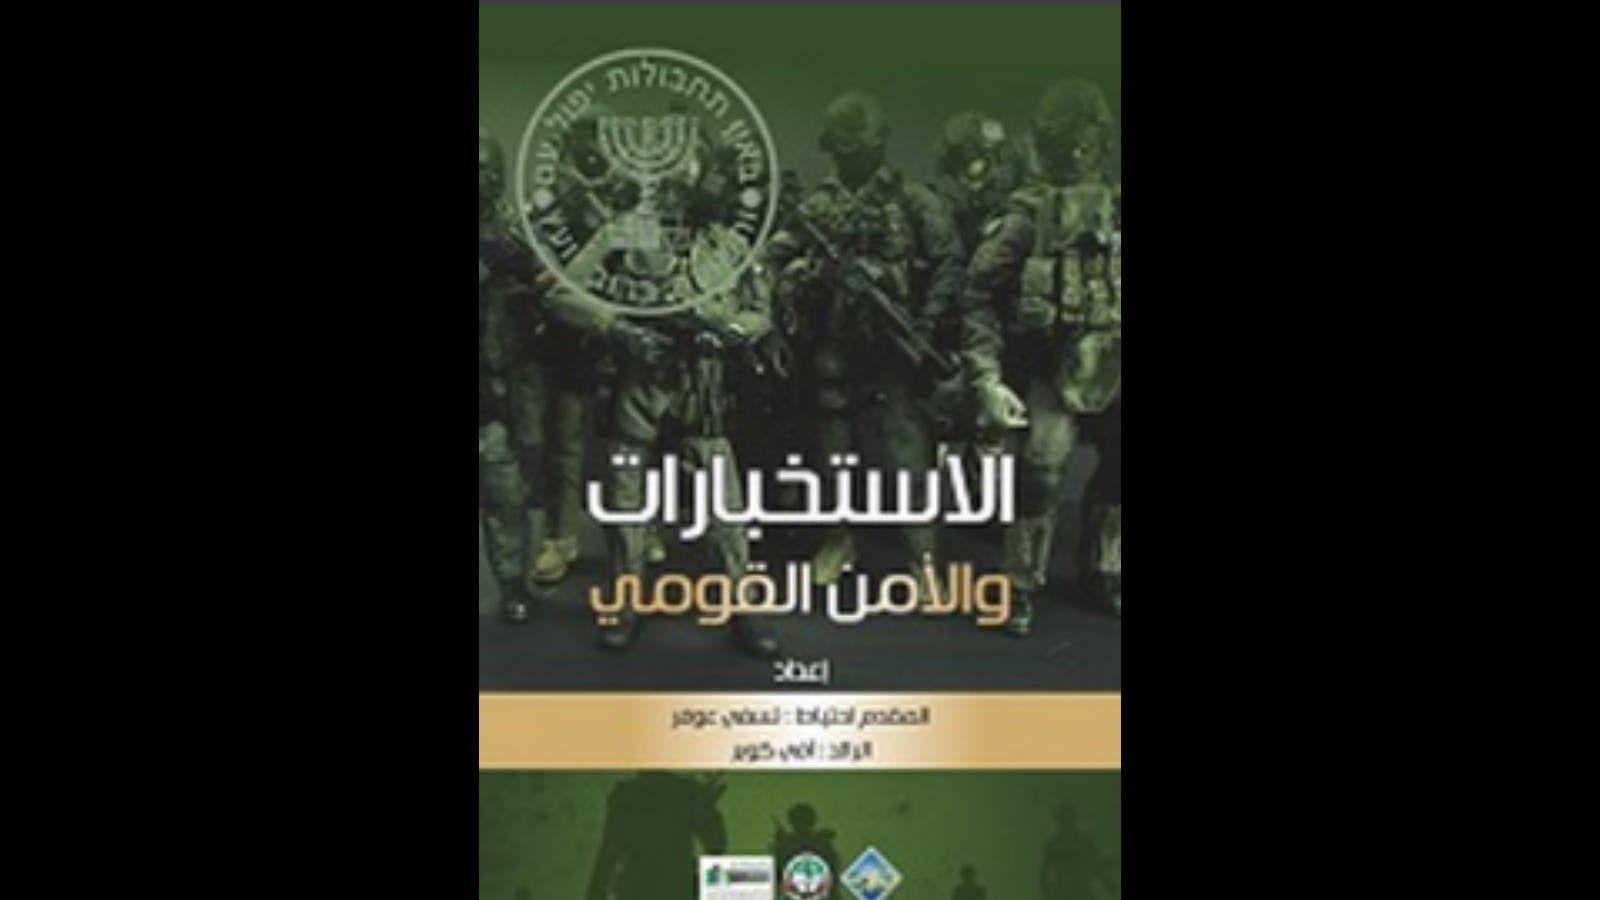 الاستخبارات والأمن القومي تأليف تسفي عوفر وآفي كوبر Book Cover Books Cover